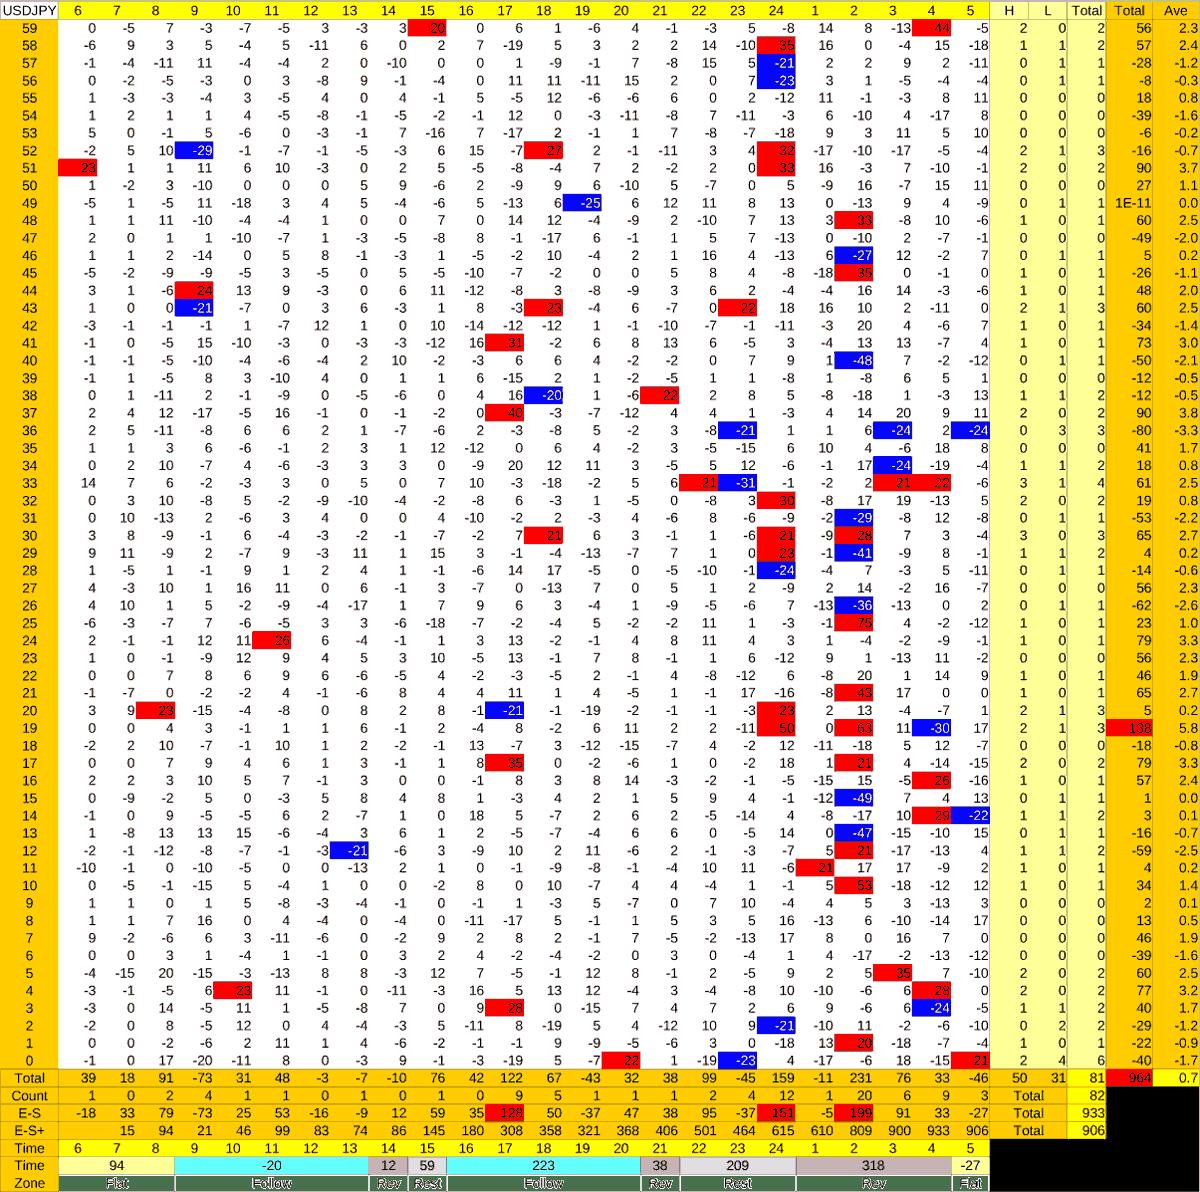 20210304_HS(1)USDJPY